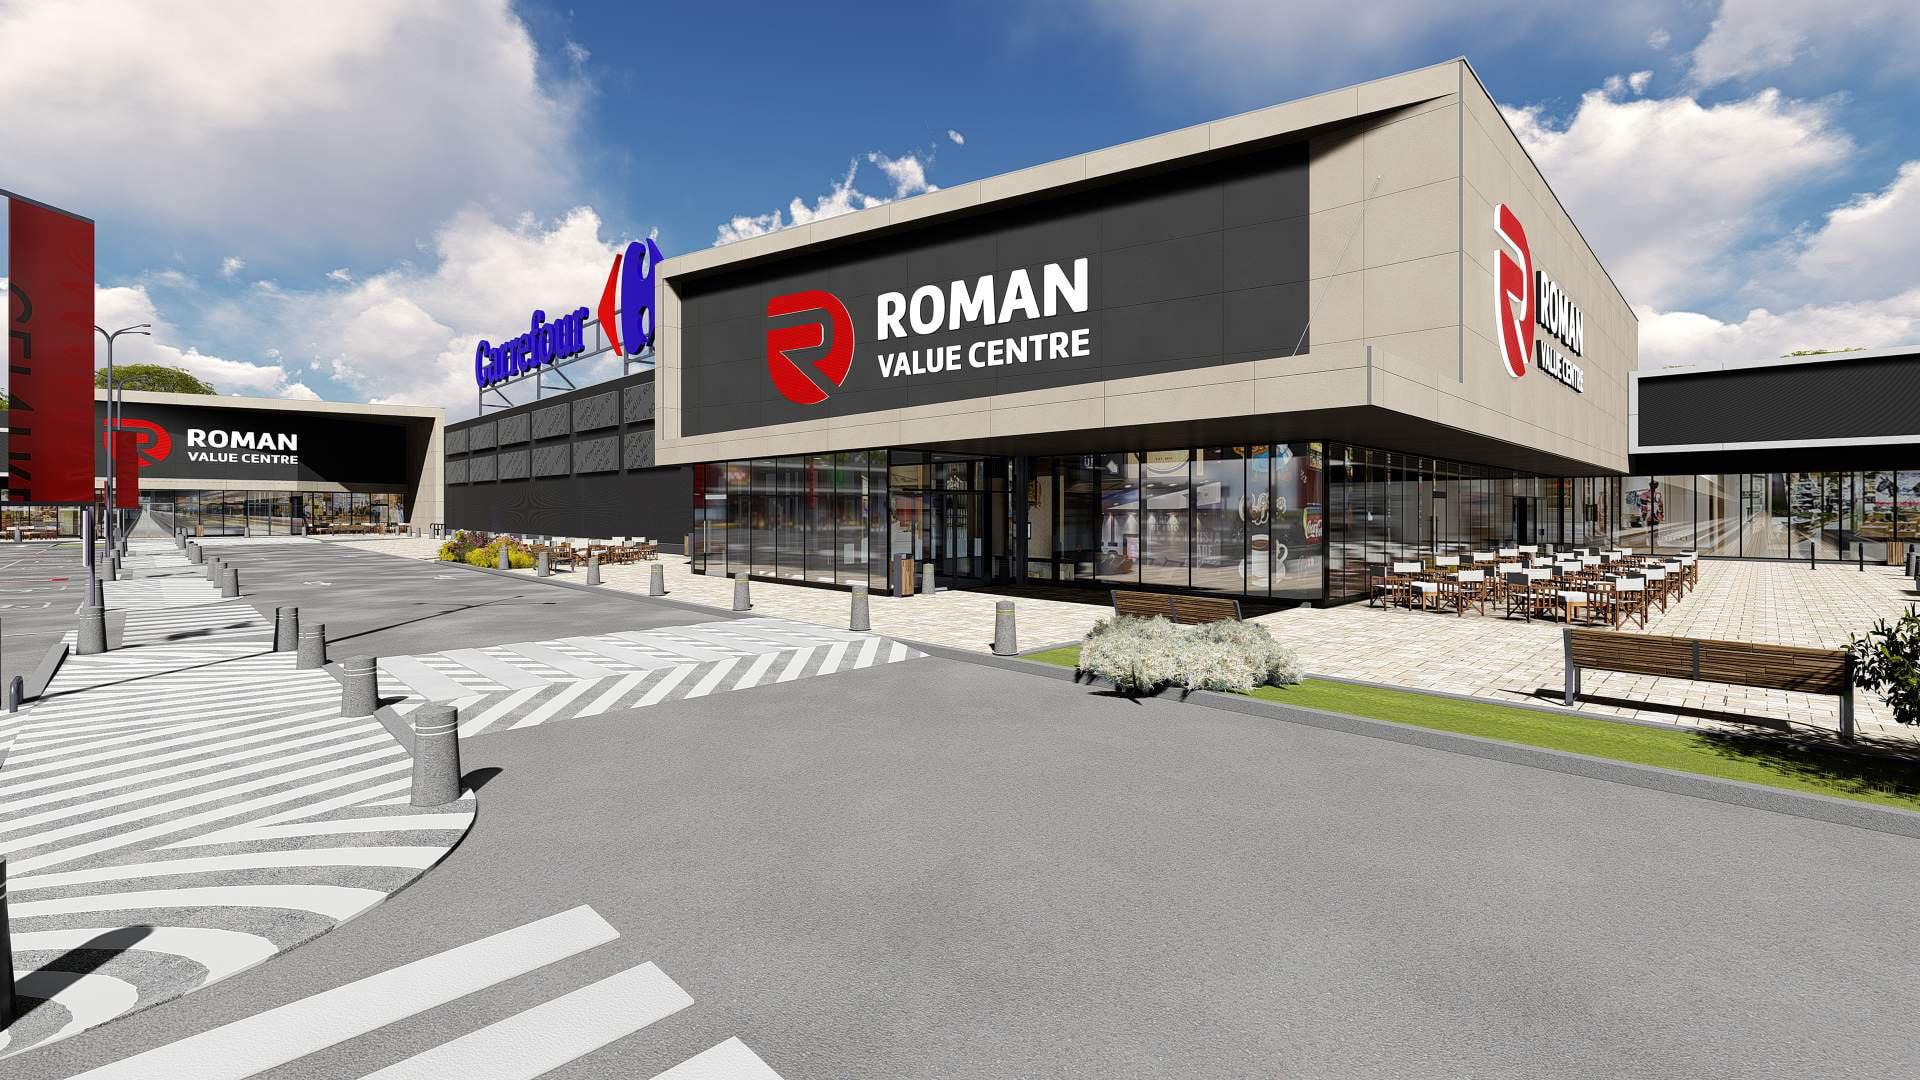 Zeci de locuri de muncă disponibile pentru noul complex comercial Roman Value Centre